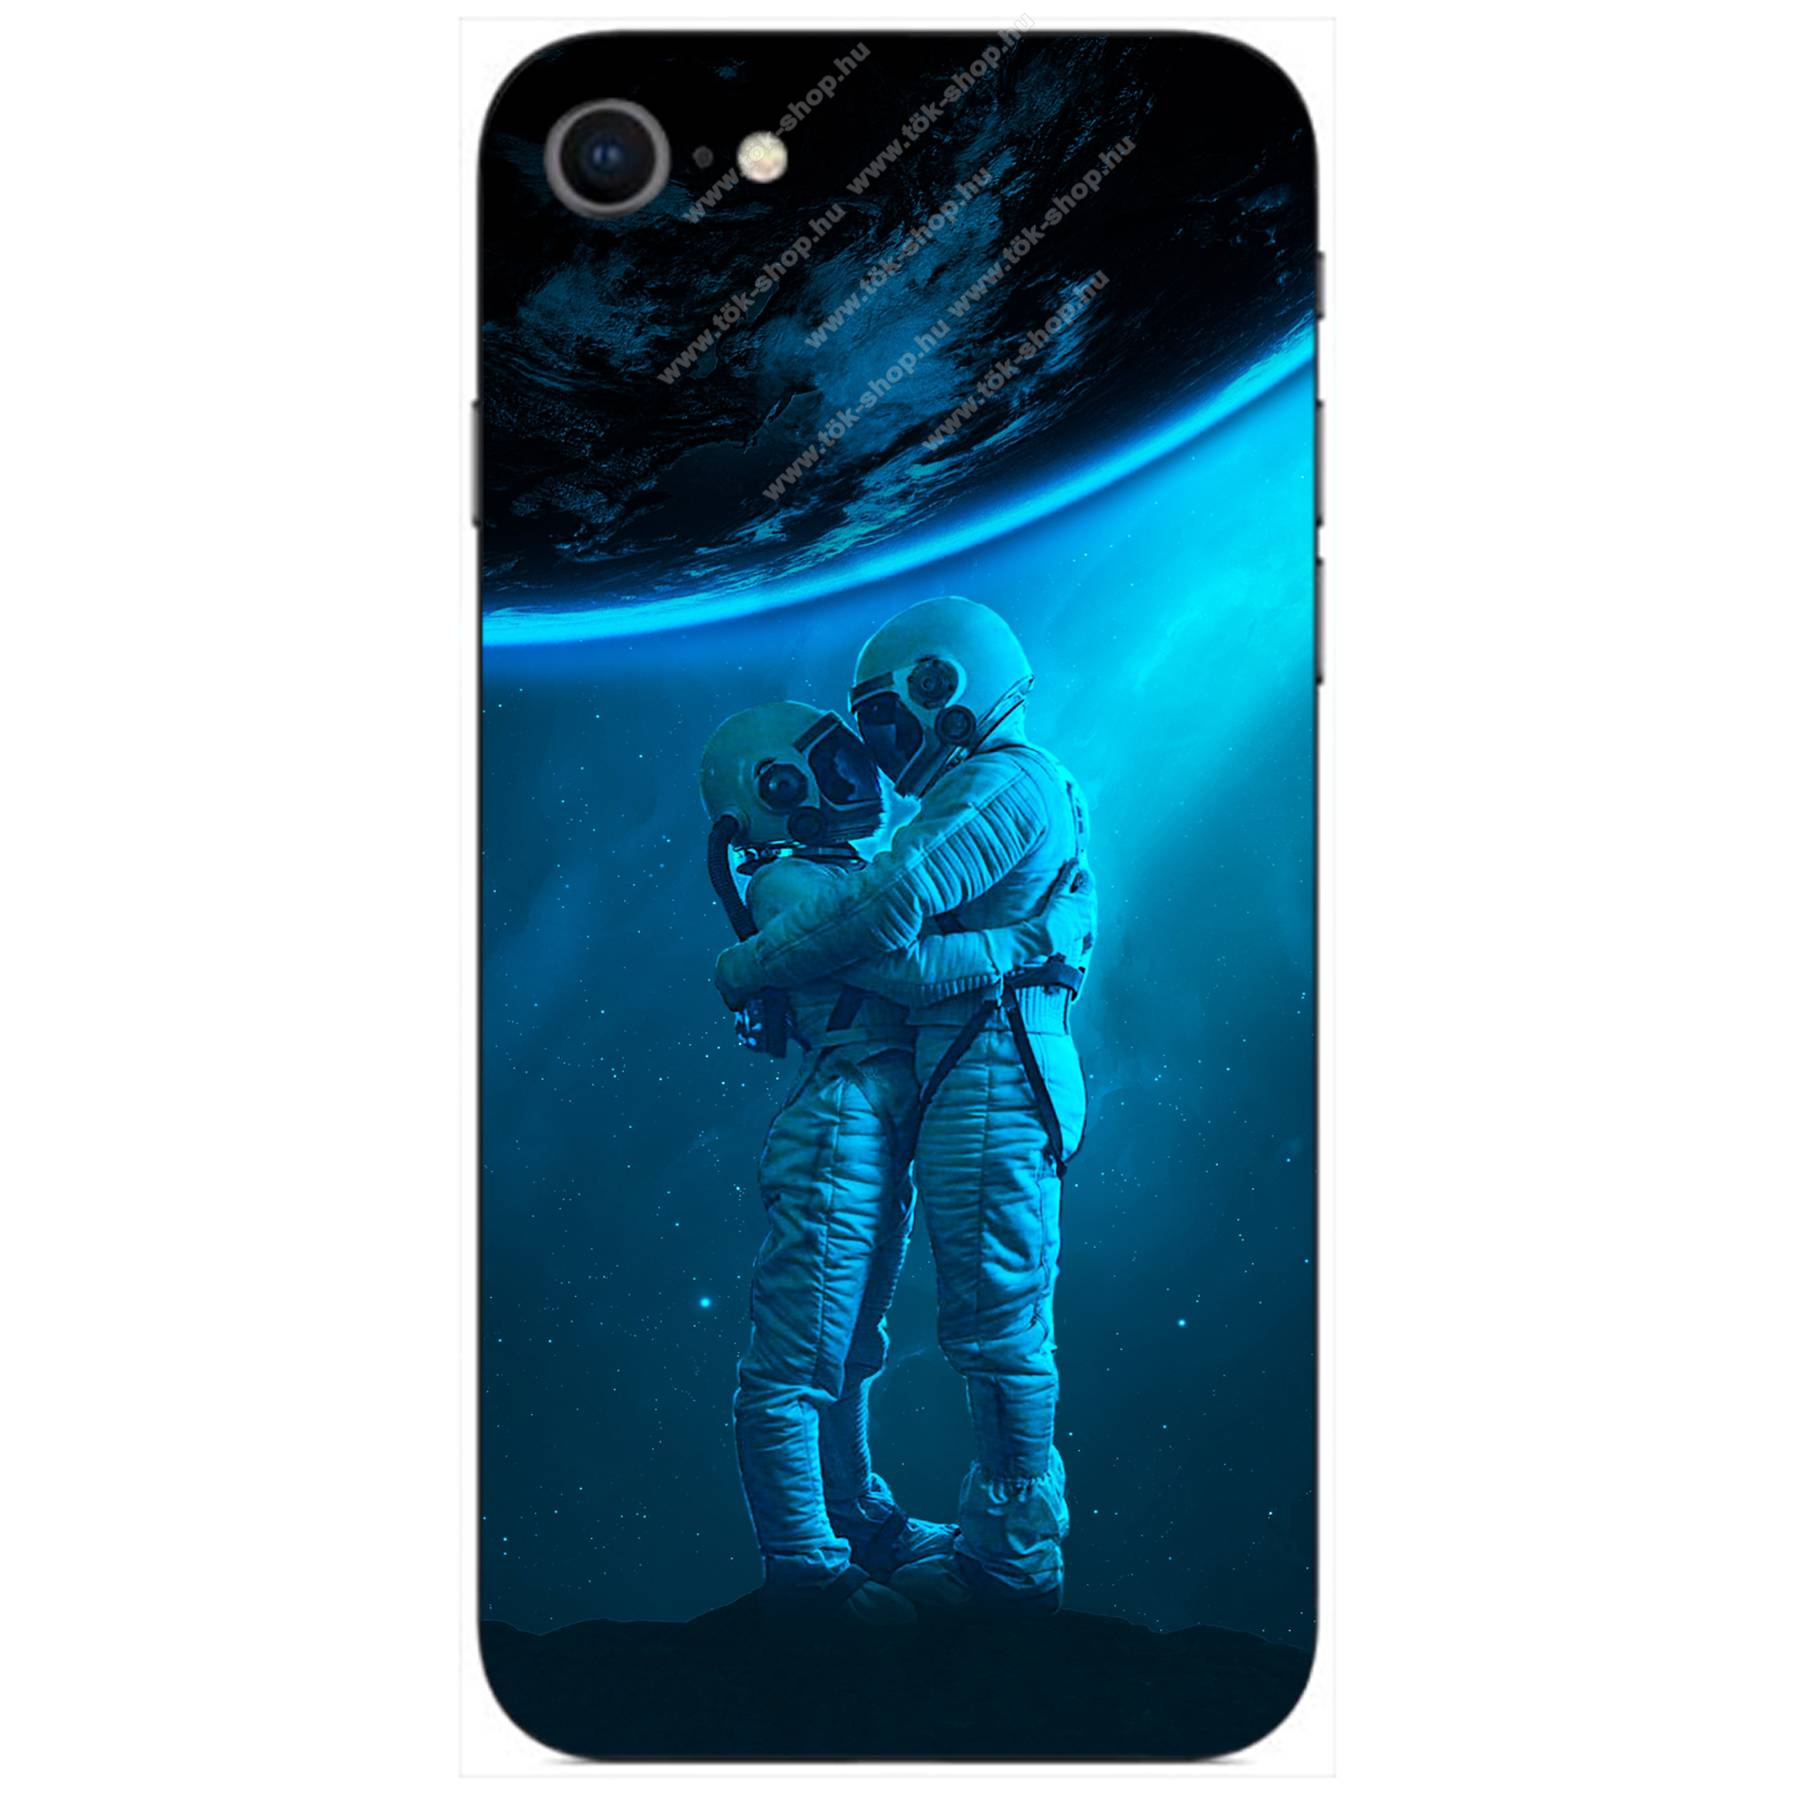 E-pic szilikon védő tok / hátlap - Szerelmes űrhajós pár mintás - APPLE iPhone 8